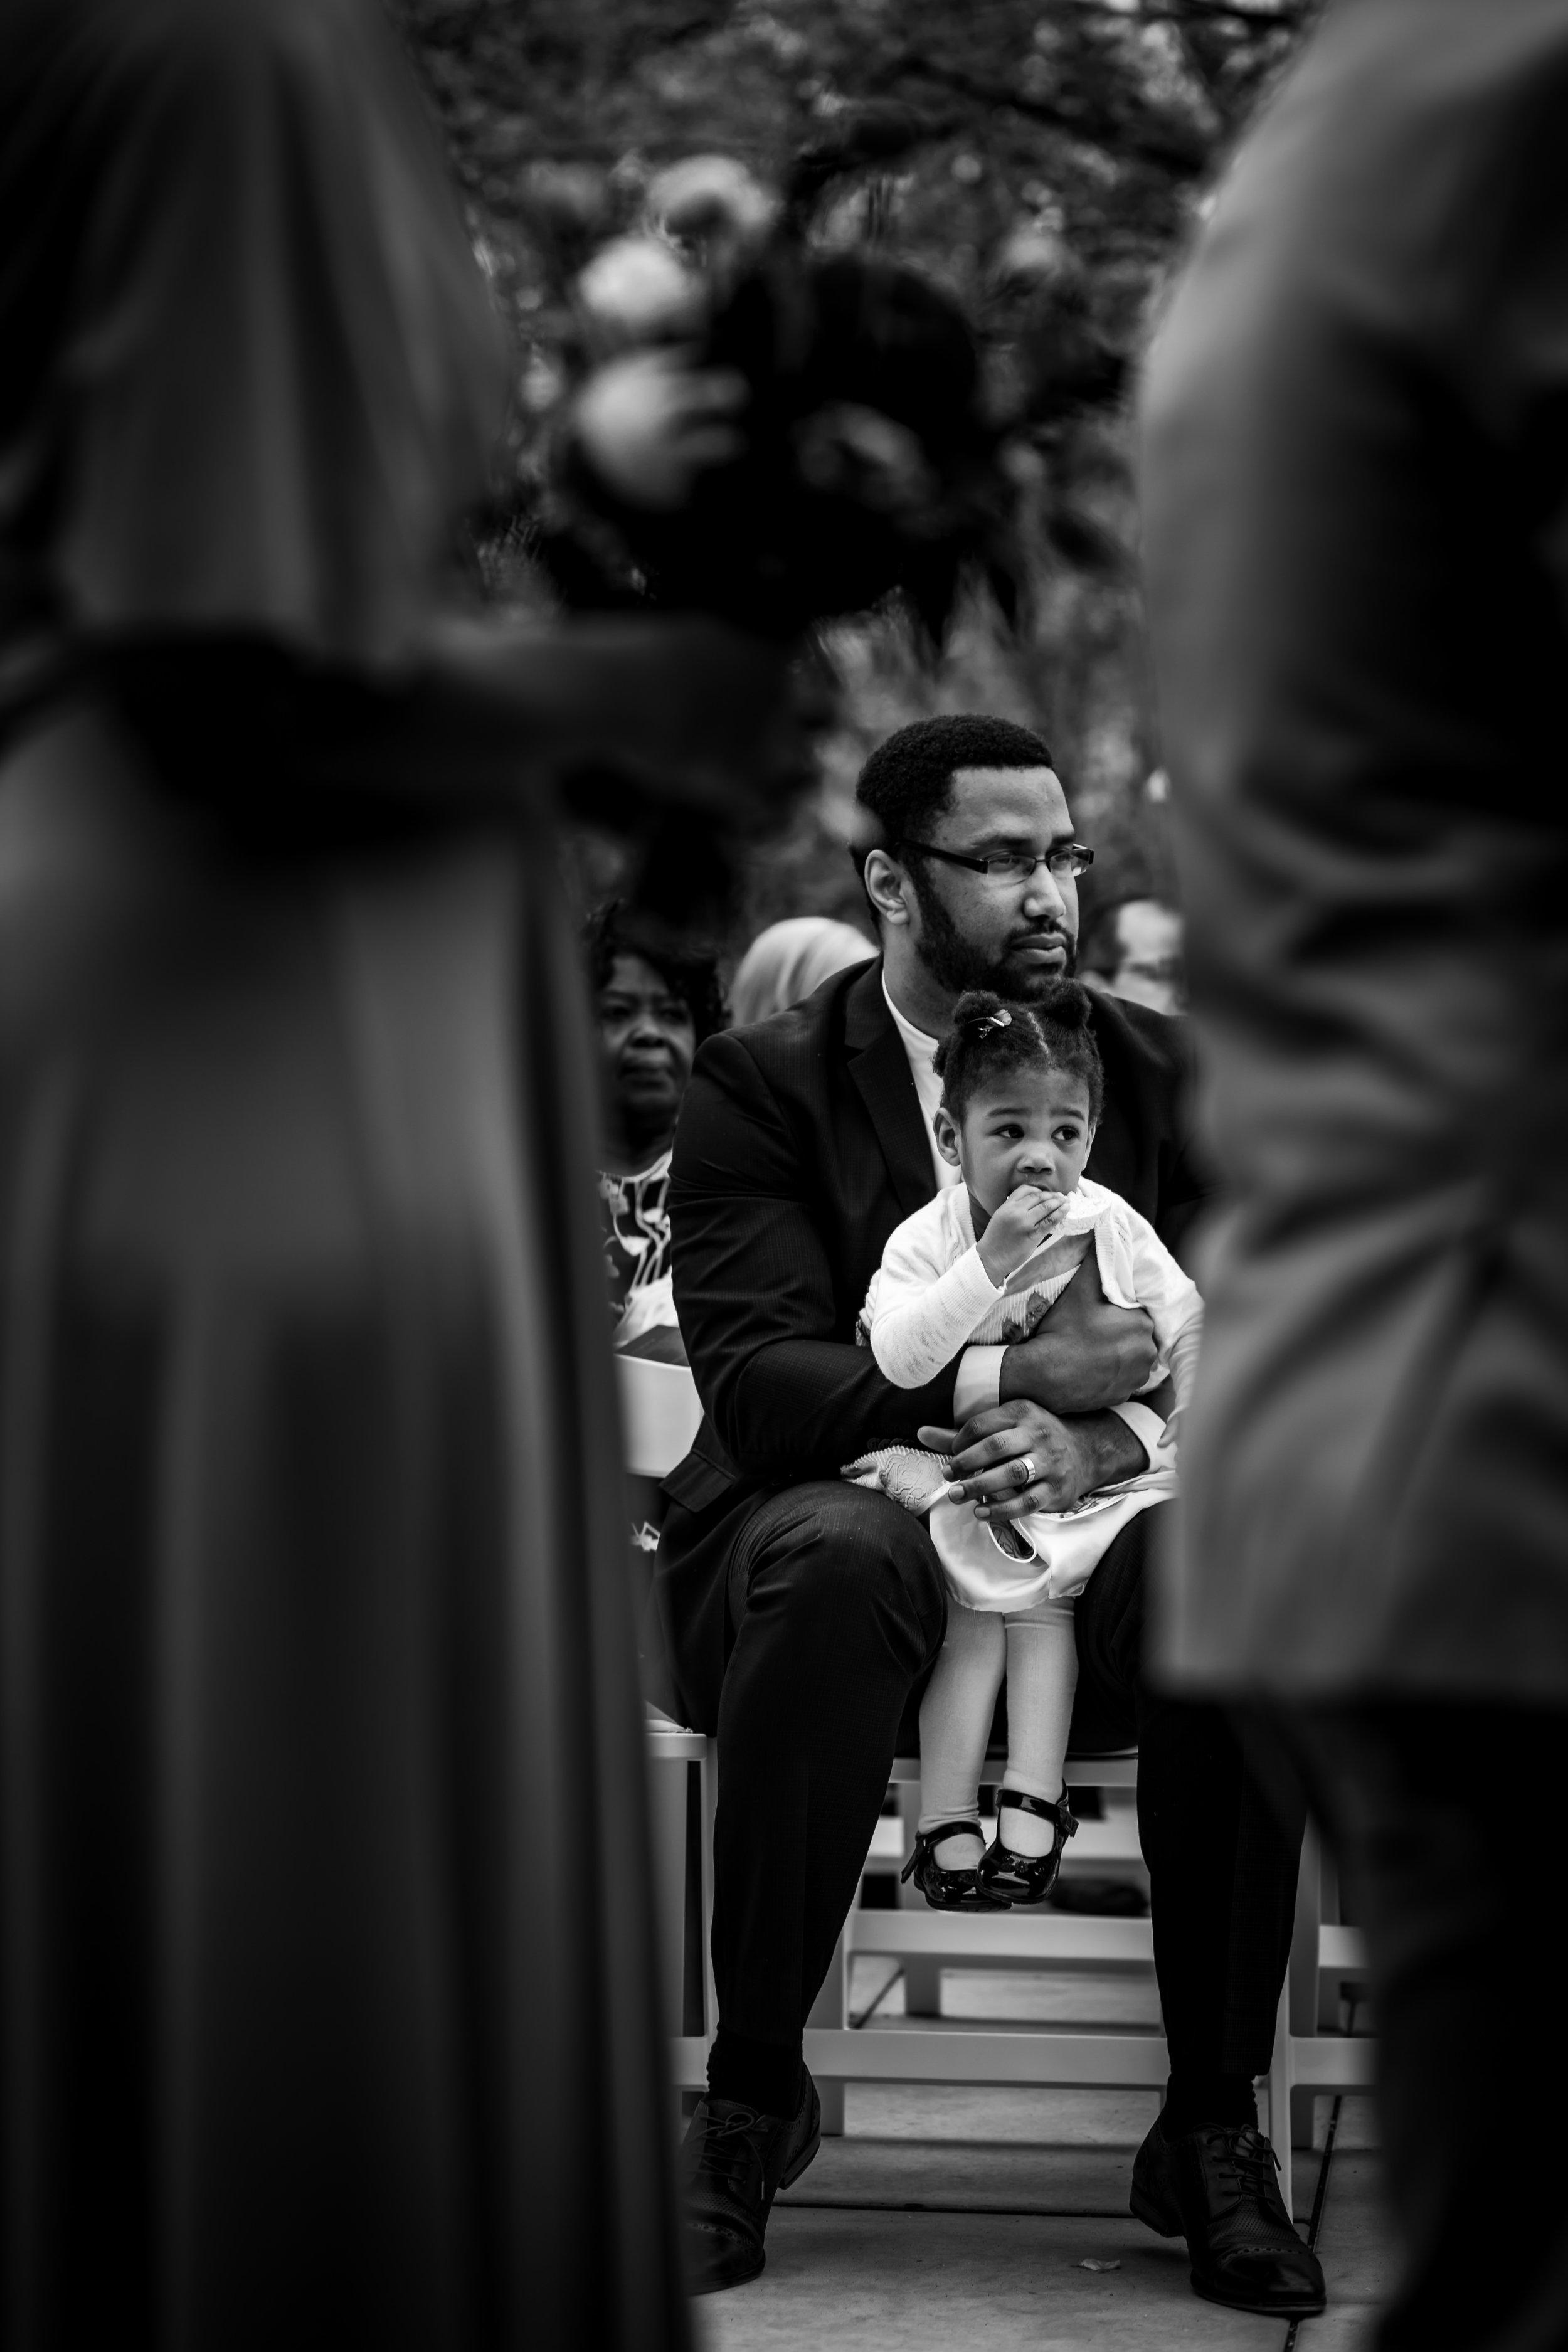 YMG-wedding-photos-45.jpg